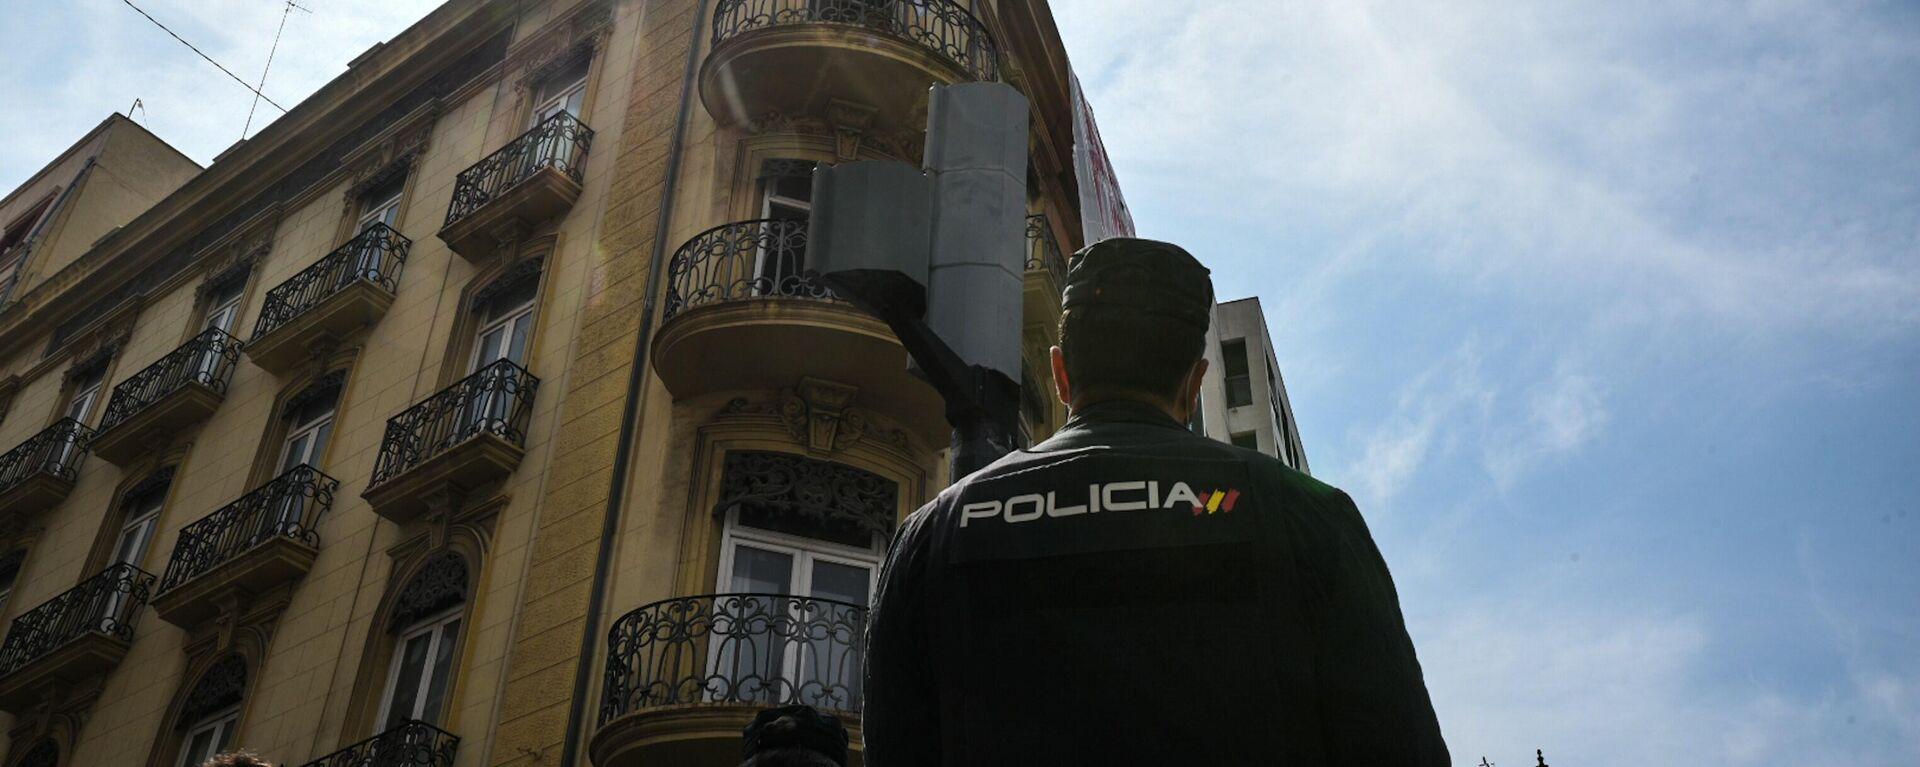 Un agente vigila un edificio 'okupado' en la ciudad española de Valencia (referencial)  - Sputnik Mundo, 1920, 03.09.2021